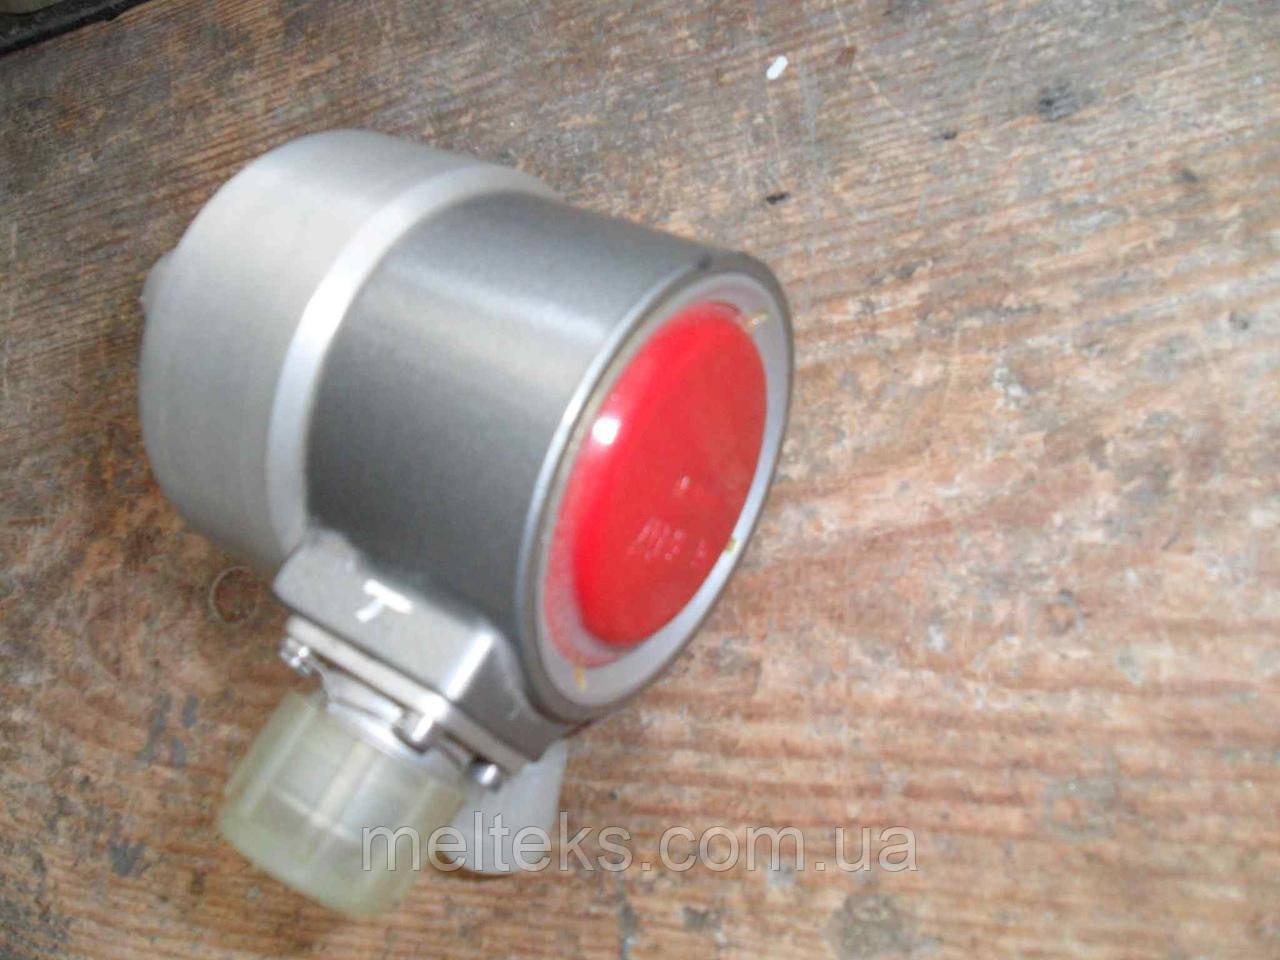 Датчик давления ДМК-10 в химстойком исполнении